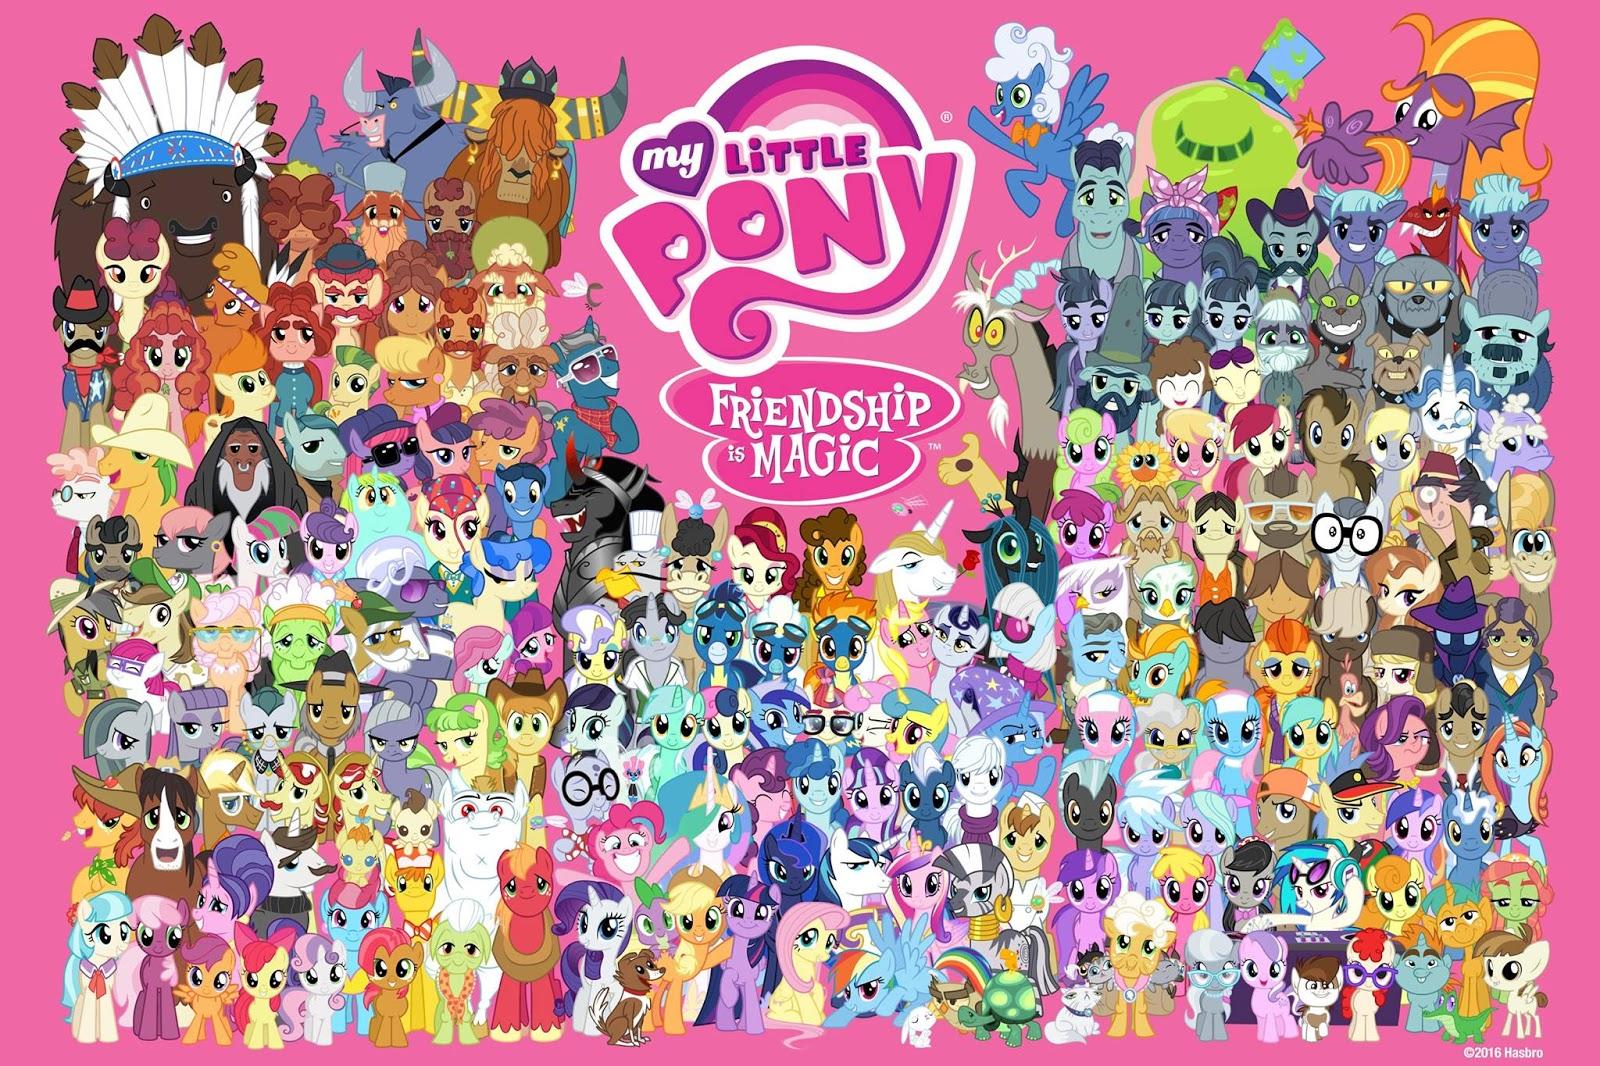 http://4.bp.blogspot.com/-xfvNOcxCnuI/Vp_D1DOjxDI/AAAAAAAACb8/4WpdvMYOV5A/s1600/MLP+All+Seasons+Facebook+Poster.jpg